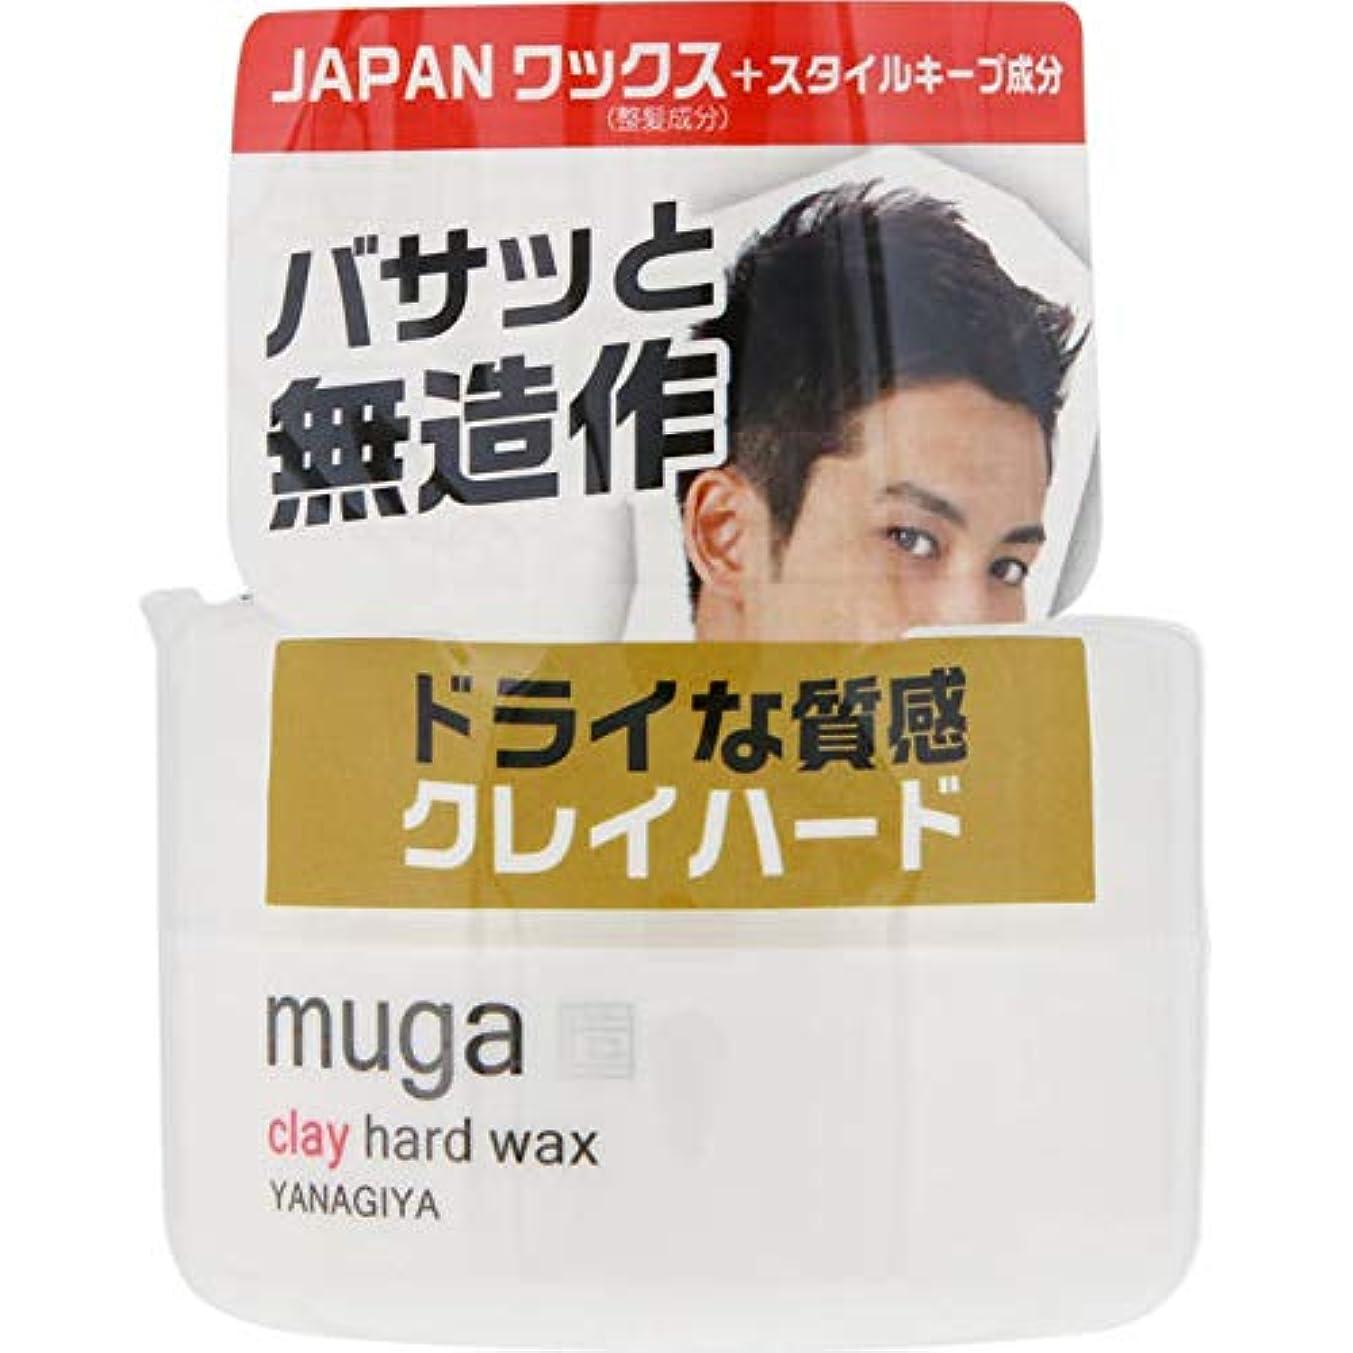 第九適切な真夜中MUGA クレイハードワックス 85g